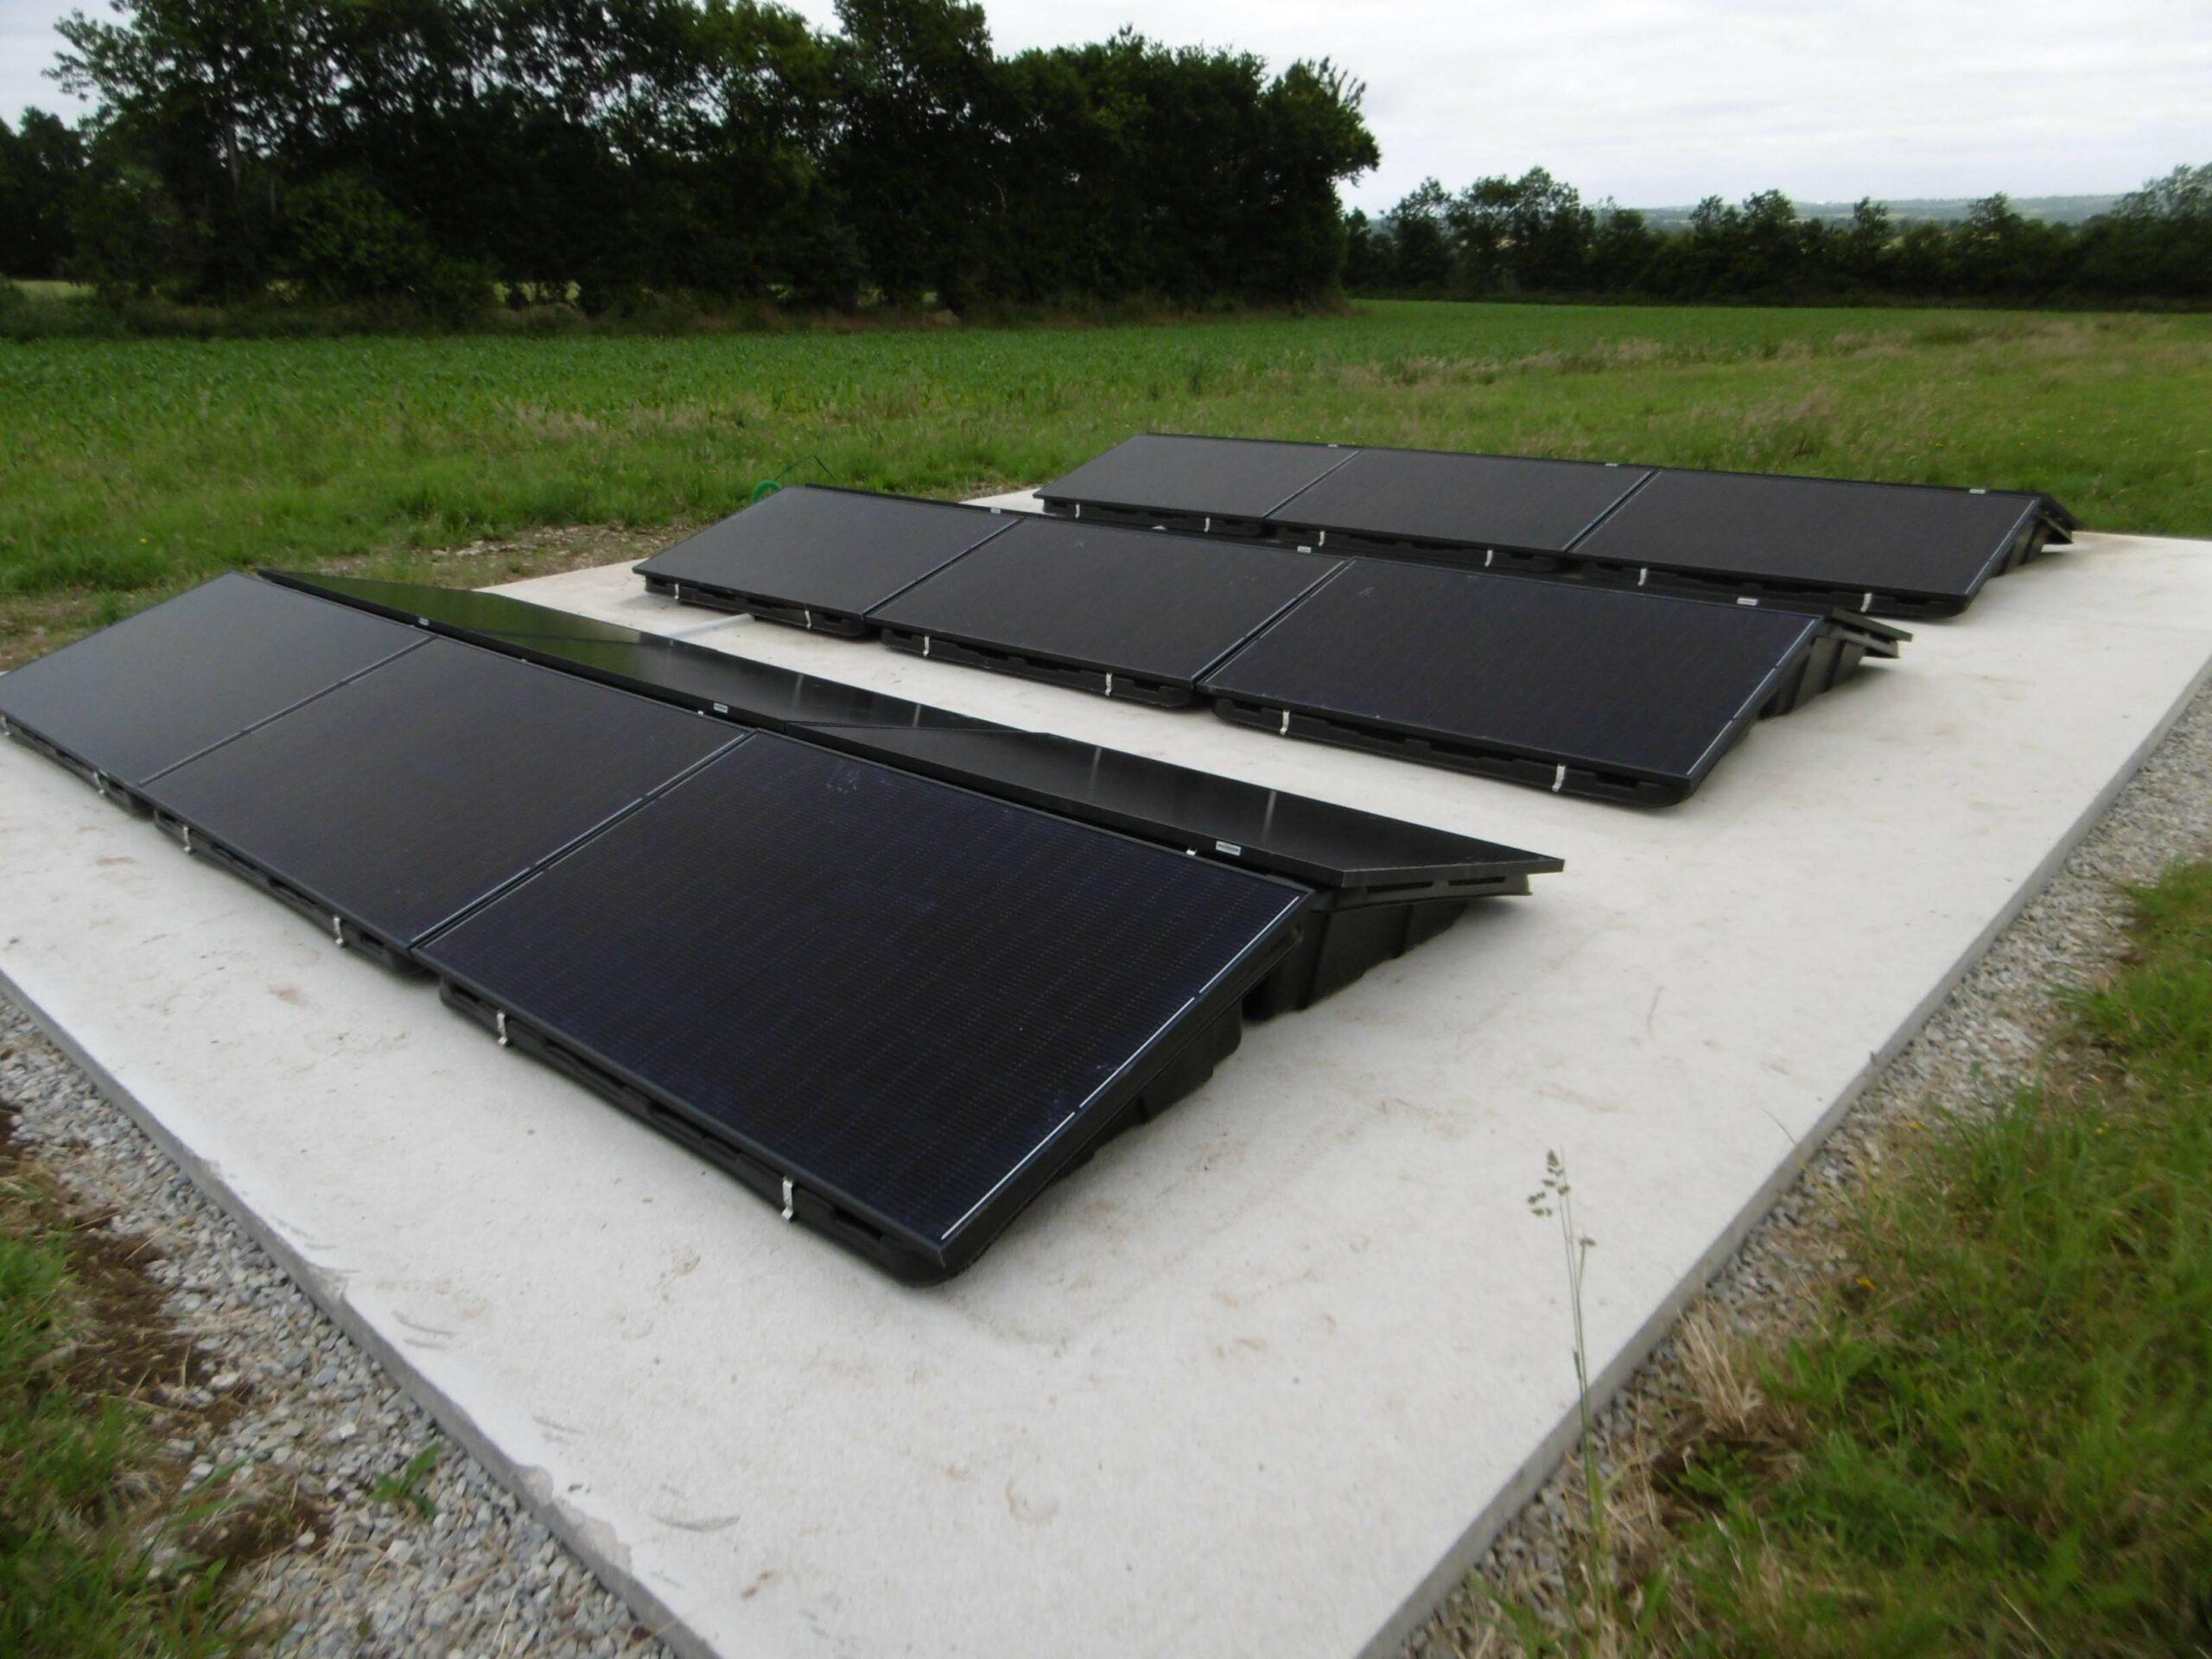 BBS installateur solaire a réalisé ce chantier d'une puissance de 6Kw pour de l'autoconsommation à Gouezec